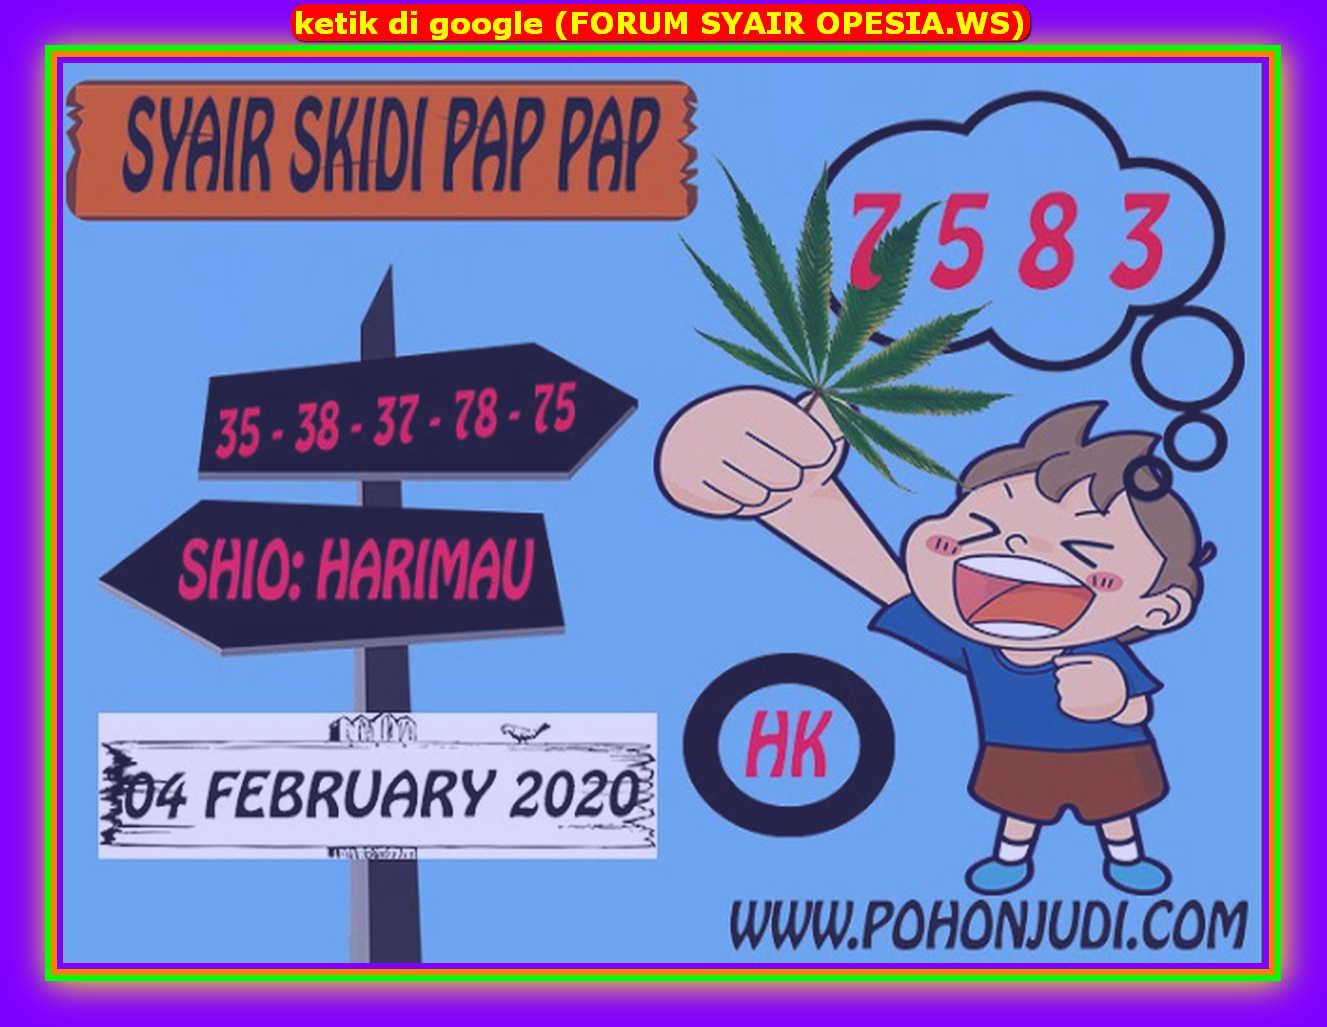 Kode syair Hongkong Selasa 4 Februari 2020 201